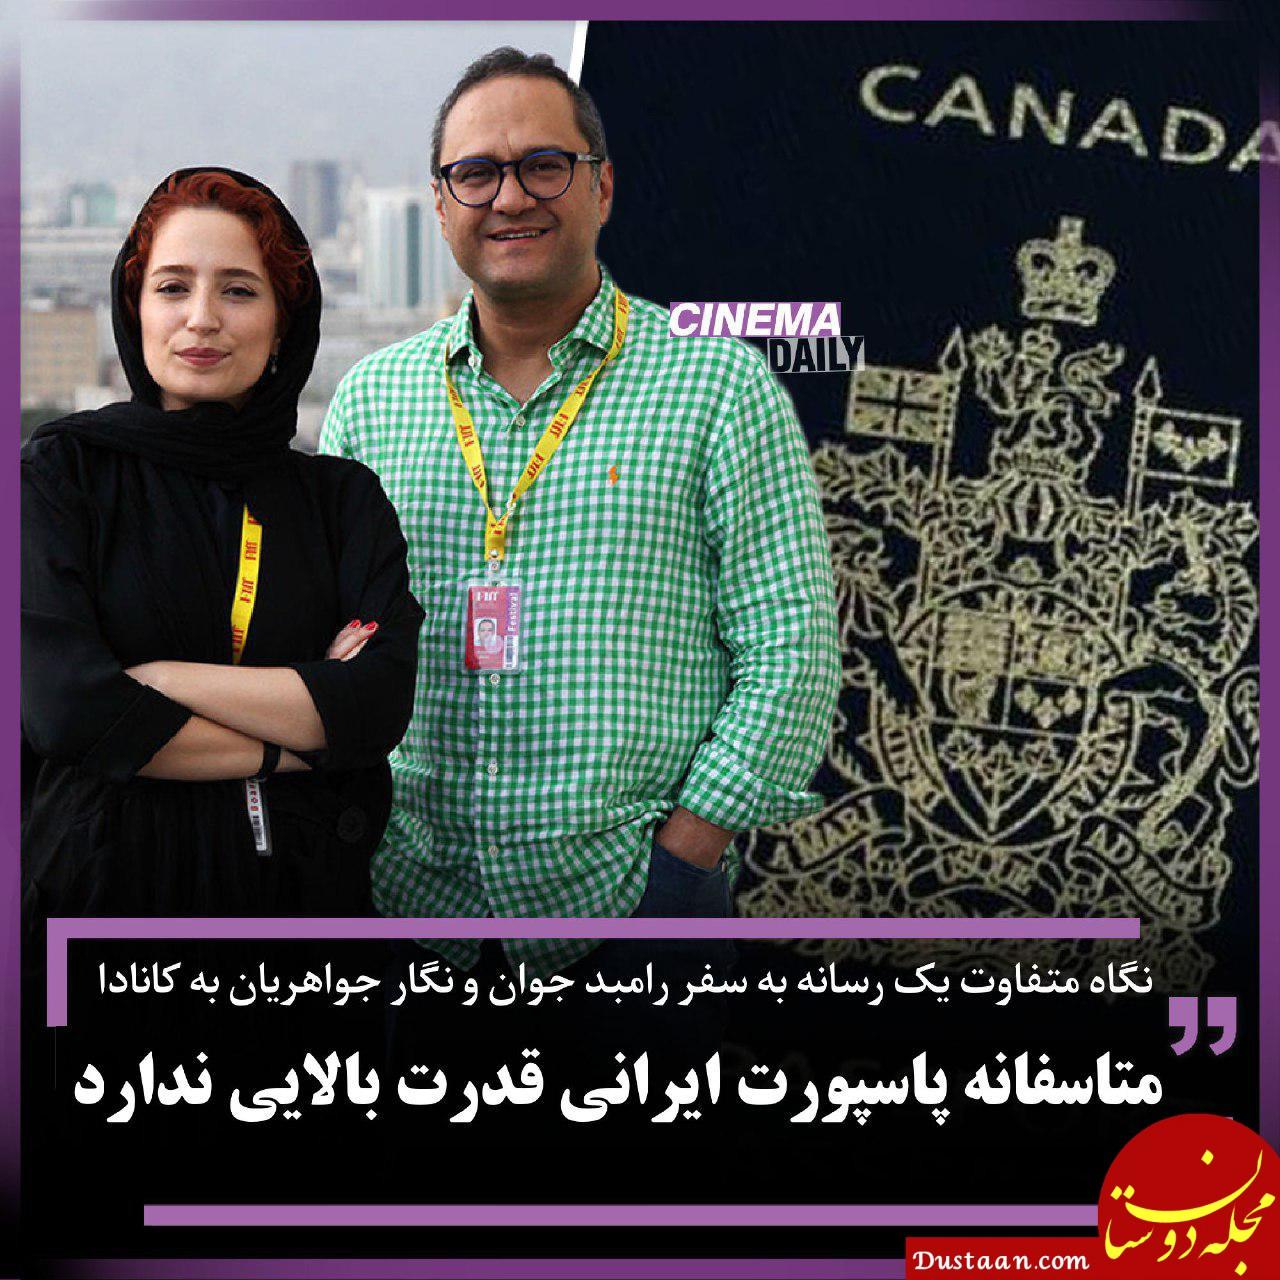 www.dustaan.com نگاه متفاوت یک رسانه به سفر رامبد جوان و نگار جواهریان به کانادا: متاسفانه پاسپورت ایرانی قدرت بالایی ندارد